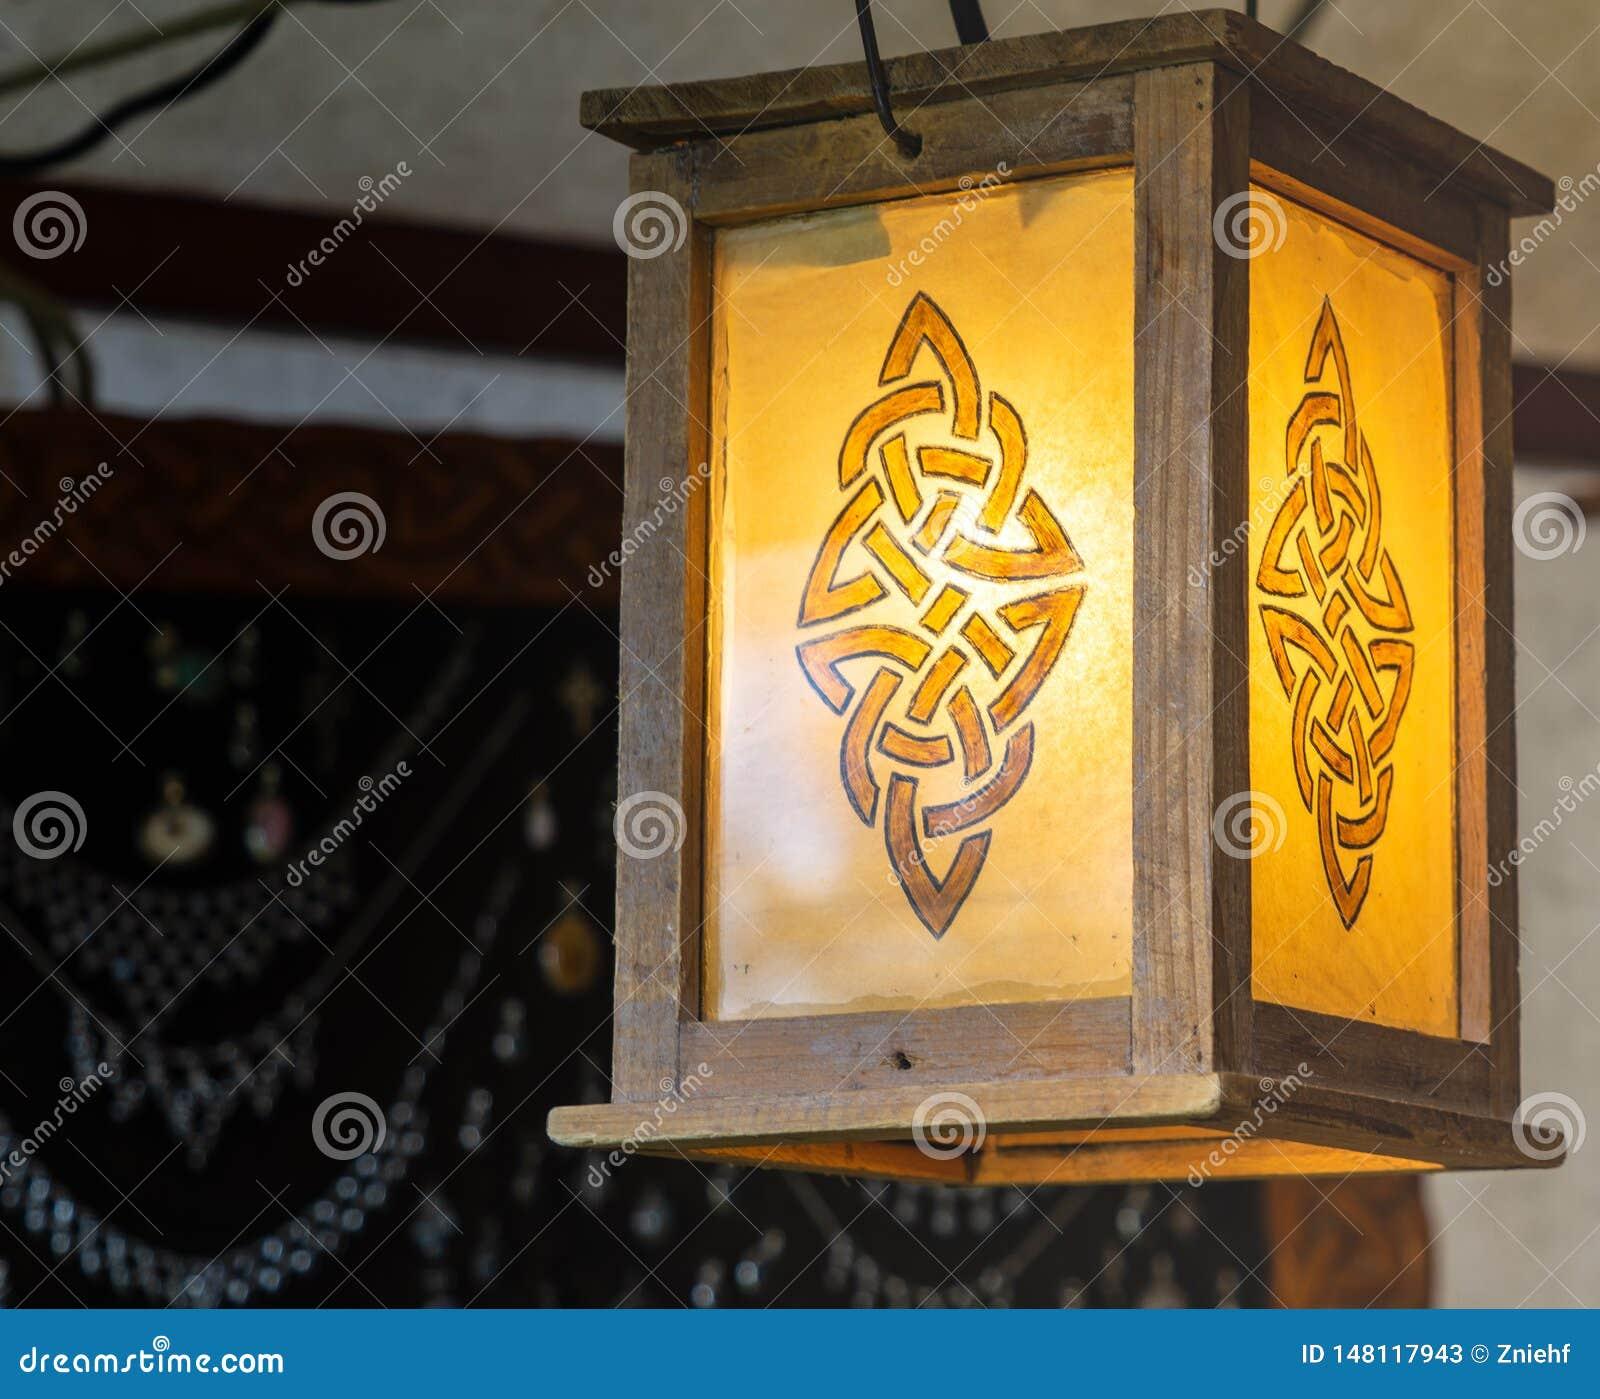 Zaświecający lampion z abstrakcjonistycznym wzorem przypomina rune, drewniana rama z żółtym szkłem